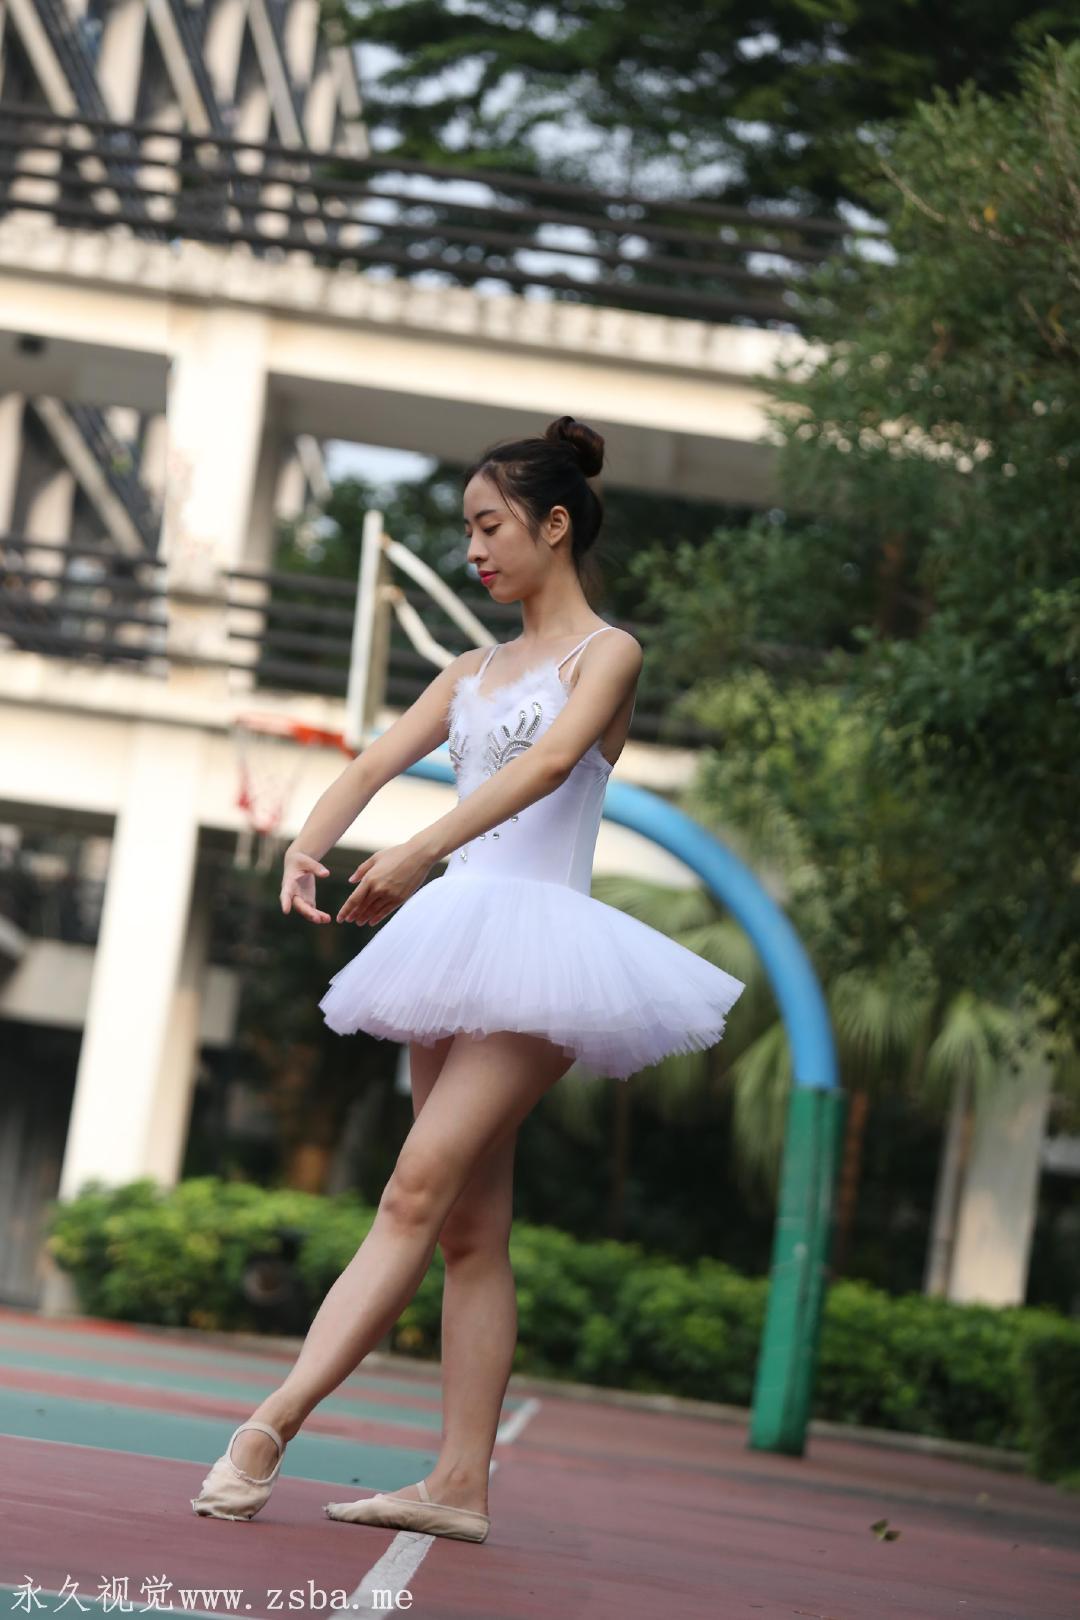 舞蹈学院练舞室实拍照片 美女小姐姐高清照片插图(5)